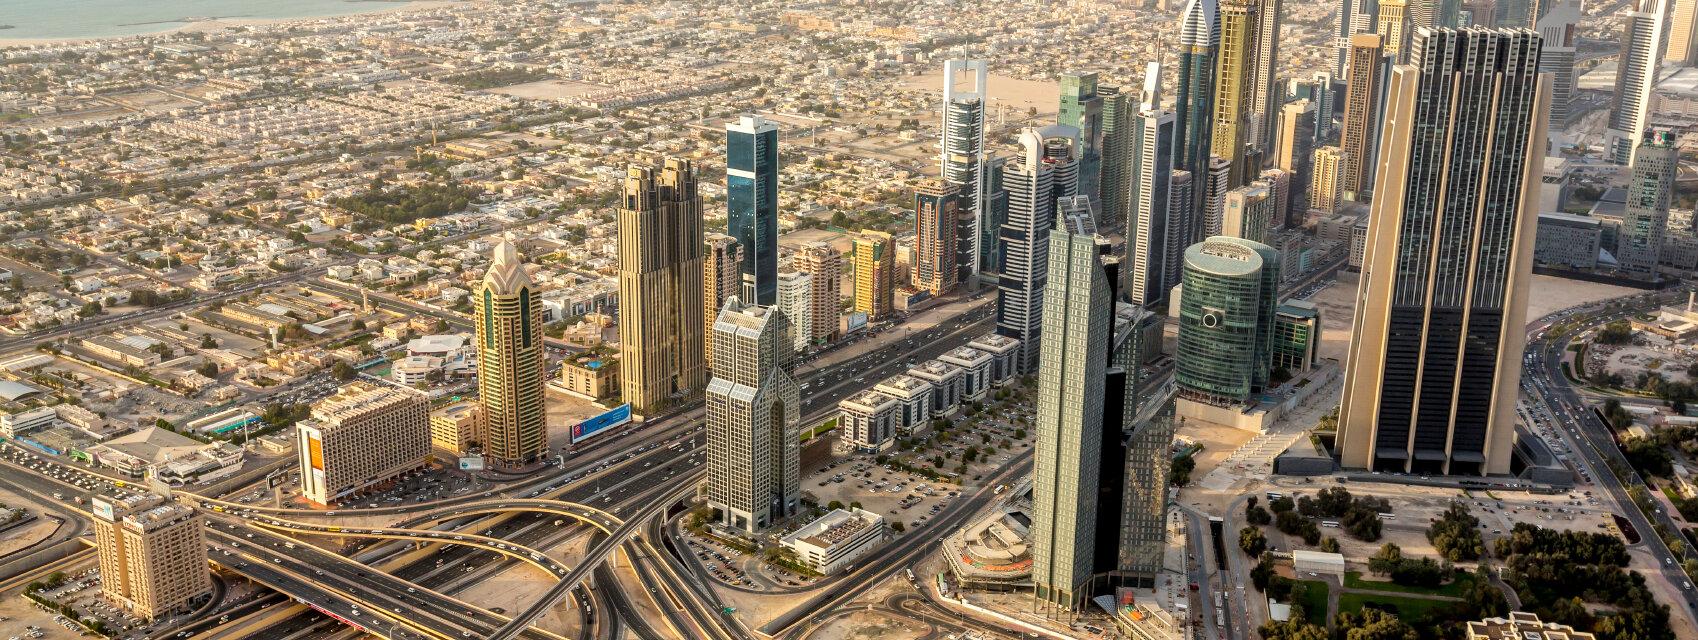 Поиск отелей в Дубае